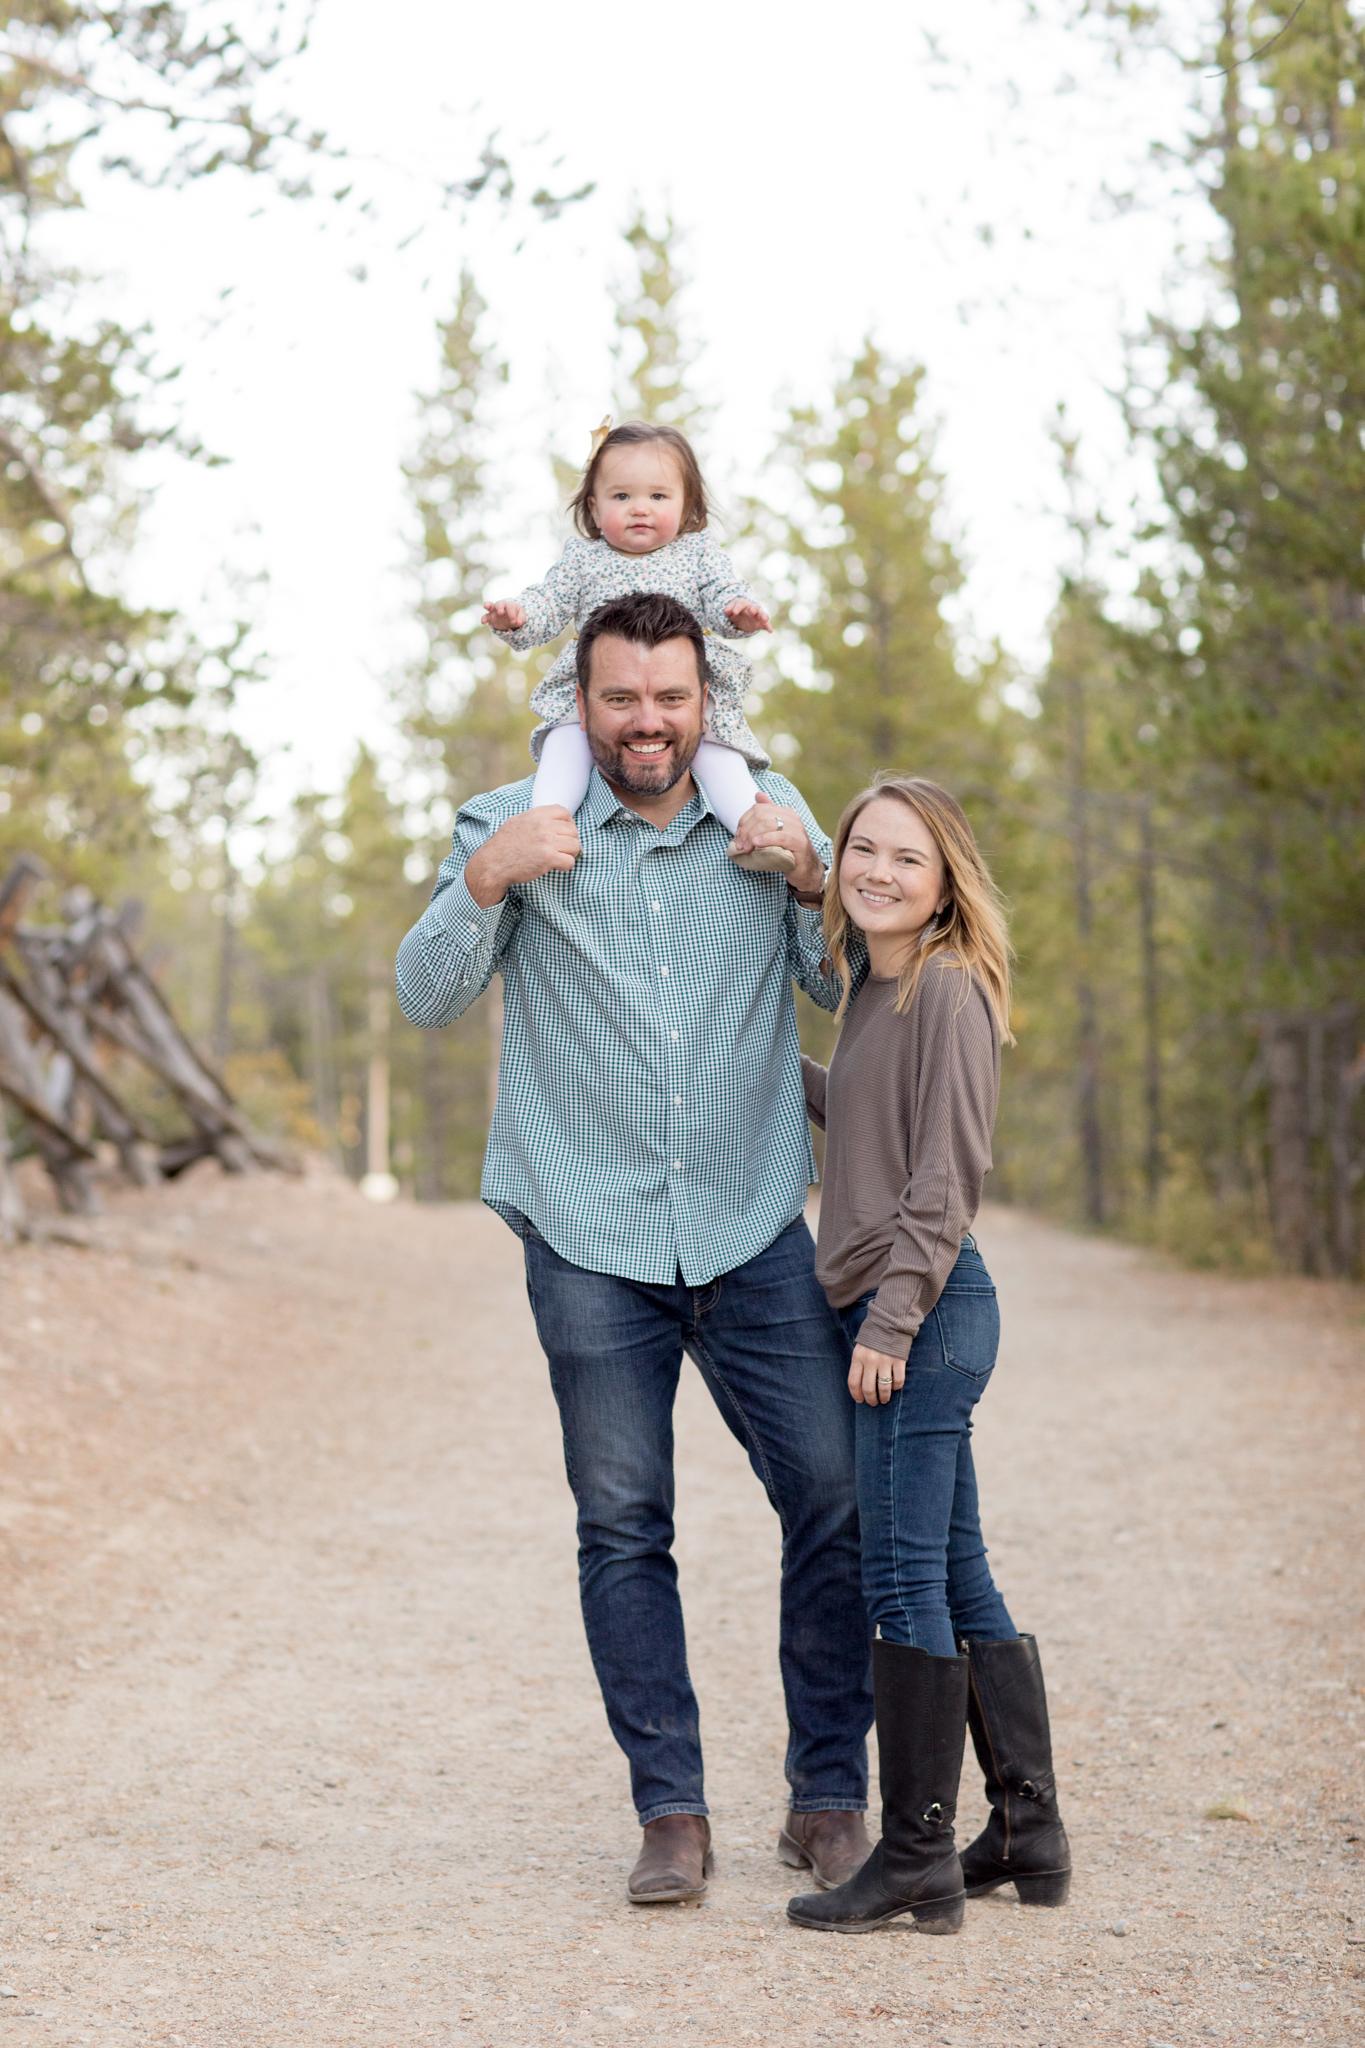 Hutton FamilyBreckenridge, CO